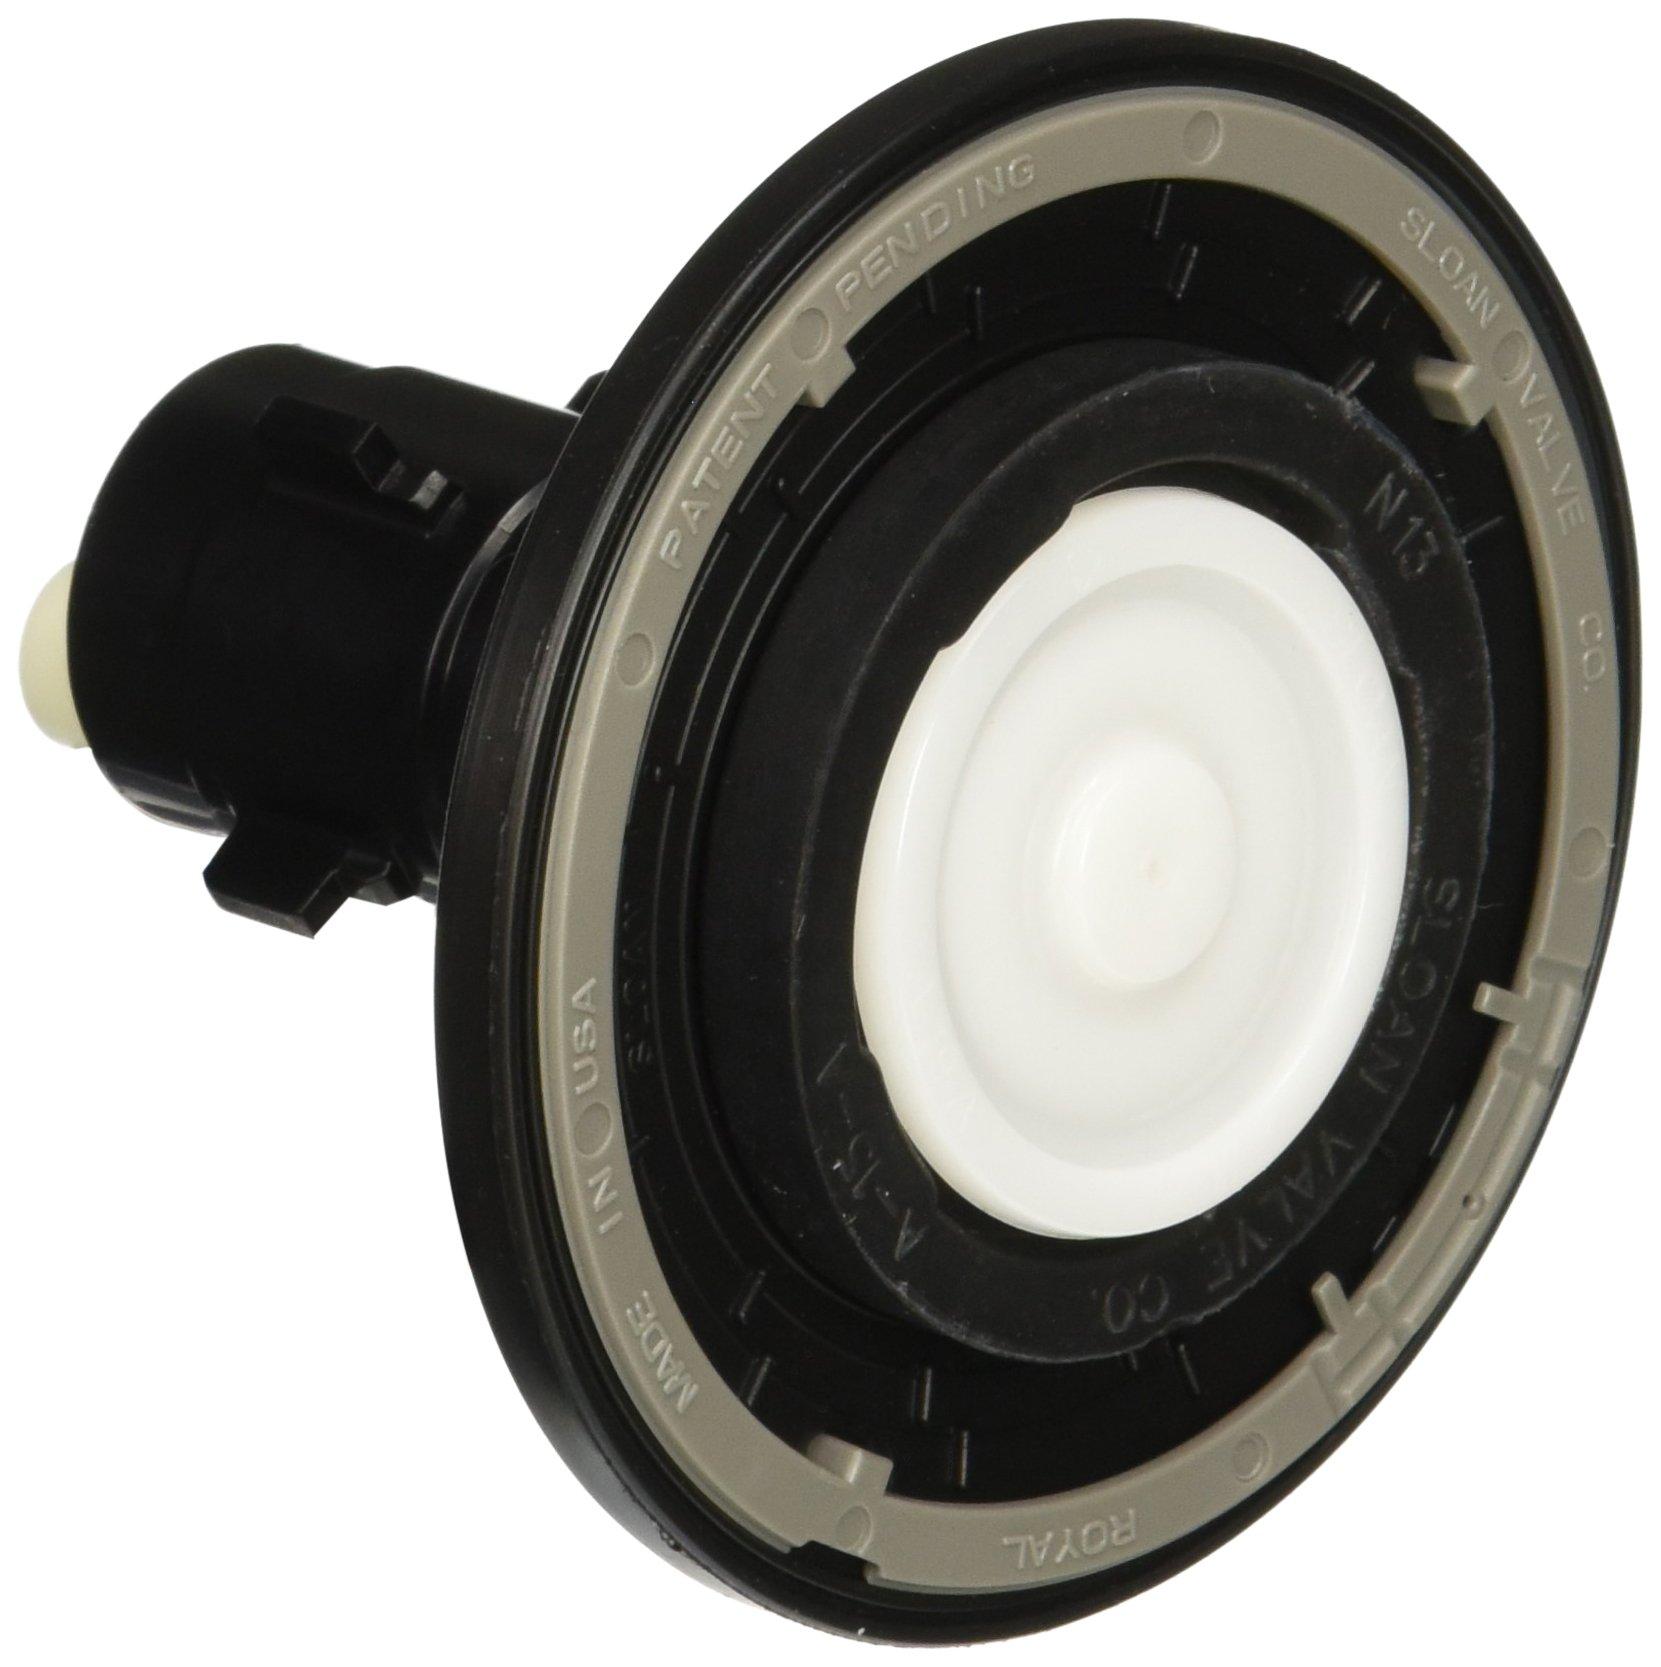 Sloan 3301121 Dual Filtered Diaphragm Repair Kit